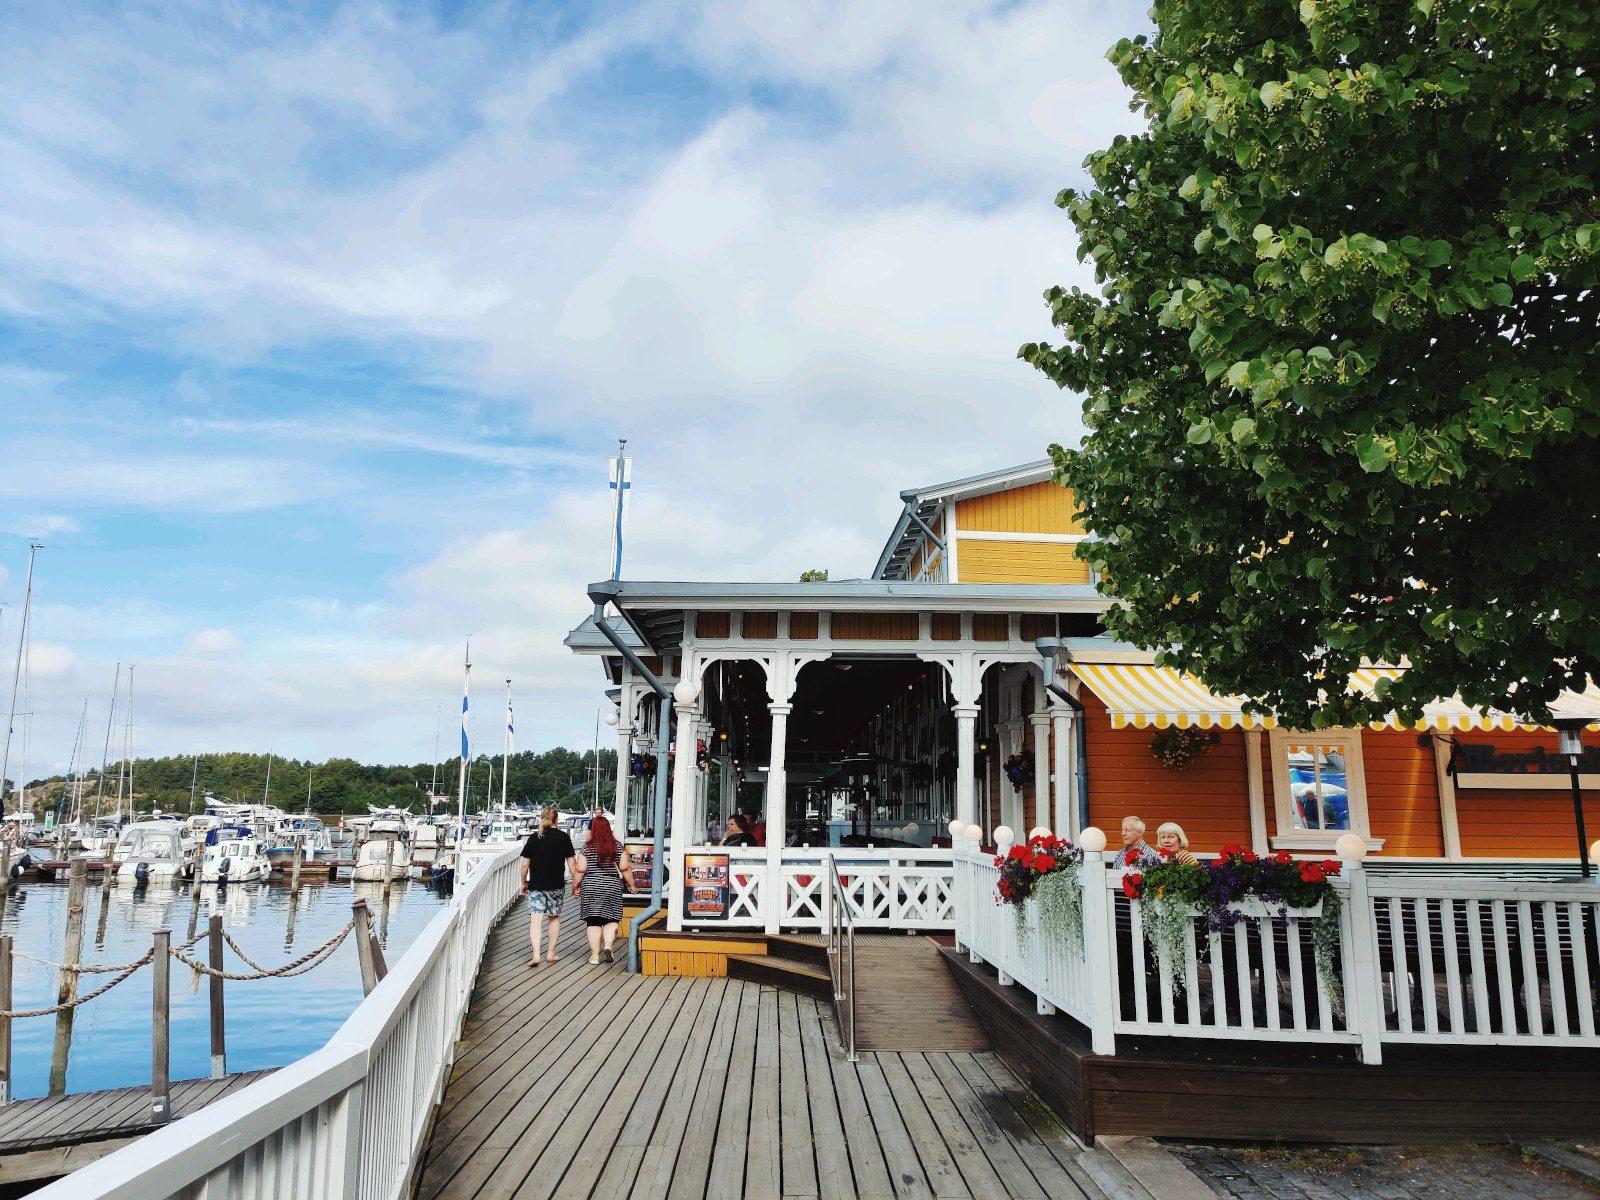 Kävelylaituri ja keltainen ravintolarakennus, valkoiset kaiteet. Sininen taivas, muutamia pilviä, puu kuvan oikeassa reunassa.